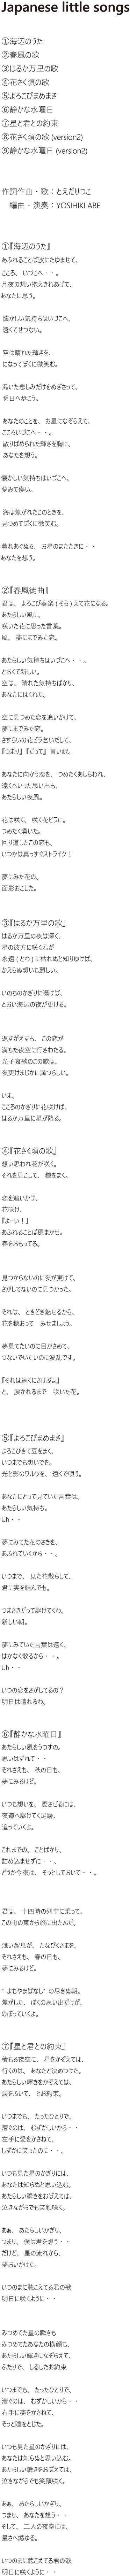 music_lyric_002.jpg